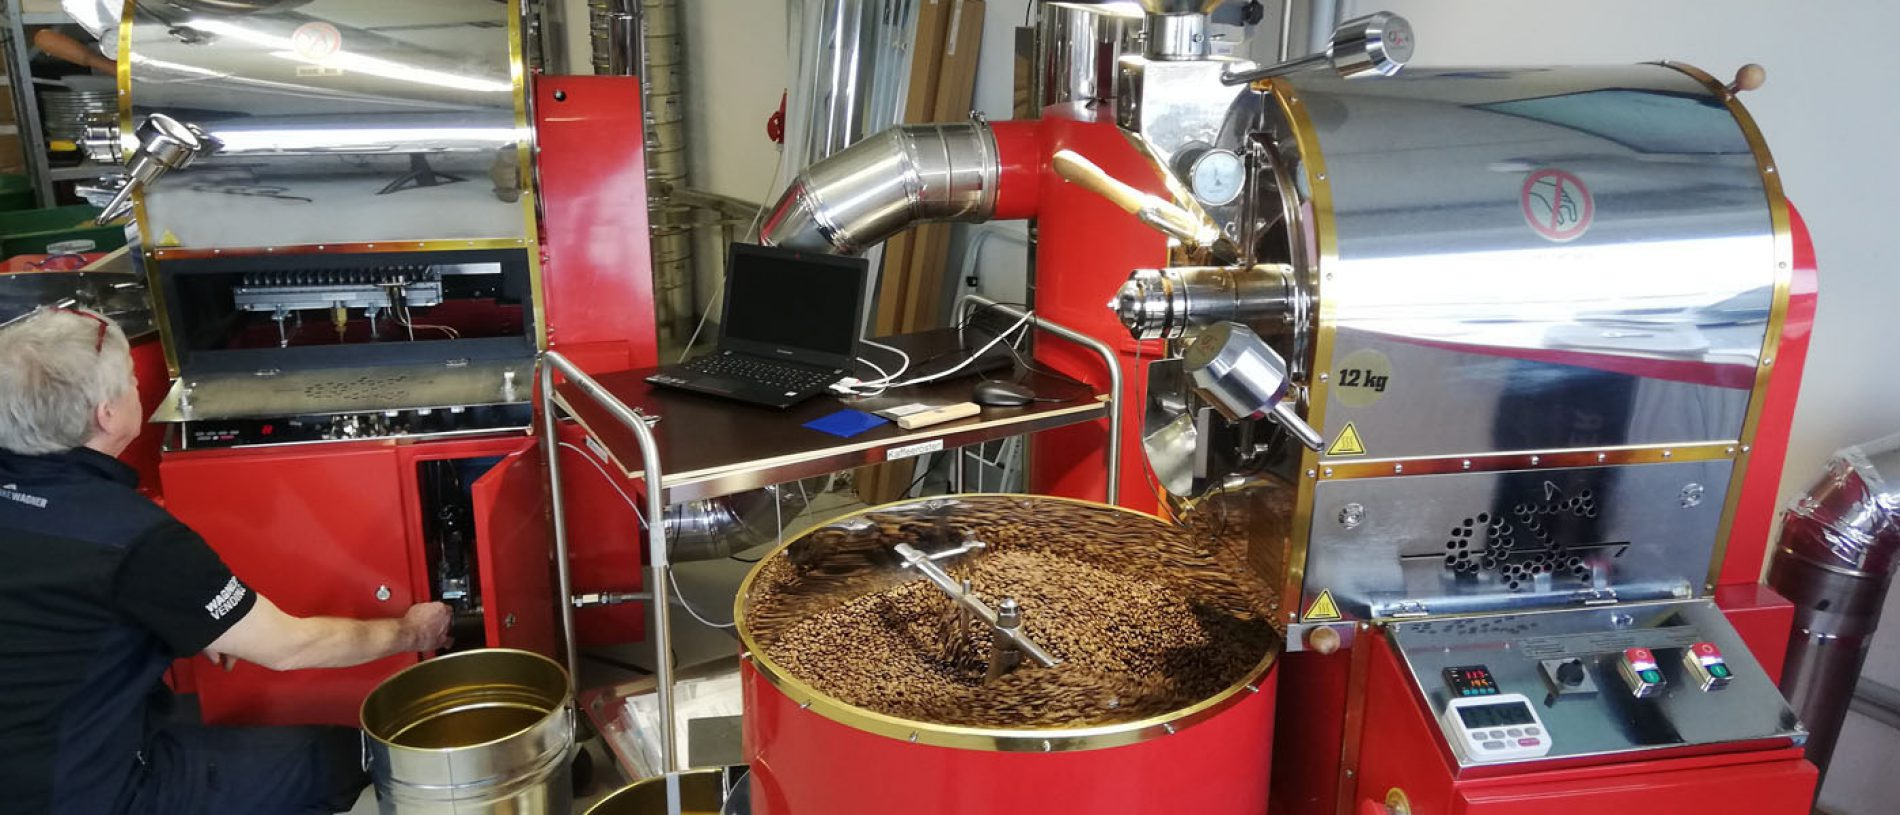 Kaffeerösterei 12 kg Röster 1